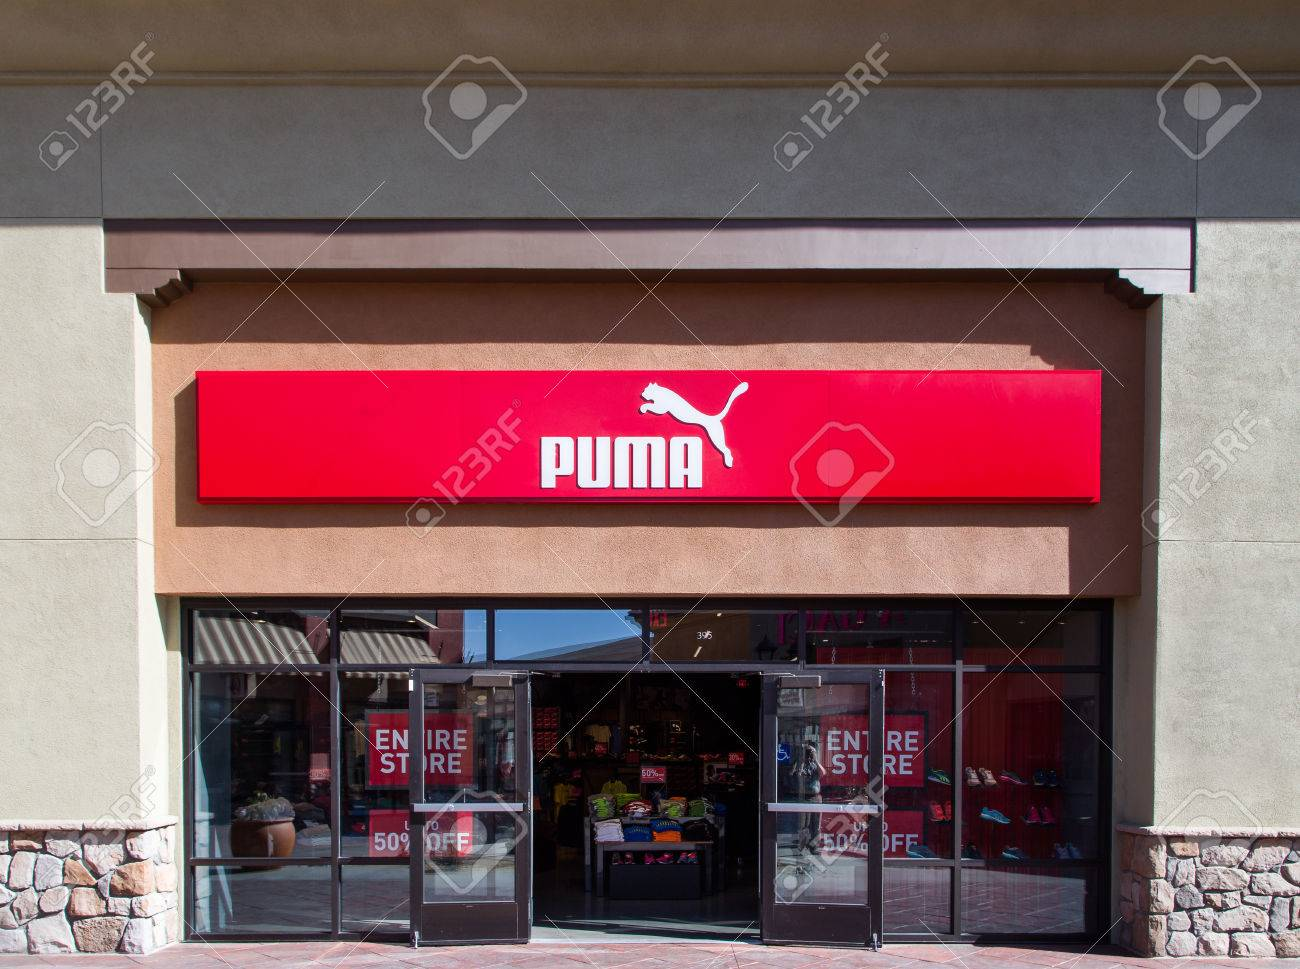 size 40 87363 cc423 TEJON RANCH, CA / USA - 8 settembre 2014: Puma negozio esterno e logo. Puma  SE è una società tedesca che produce calzature e abbigliamento sportivo ...